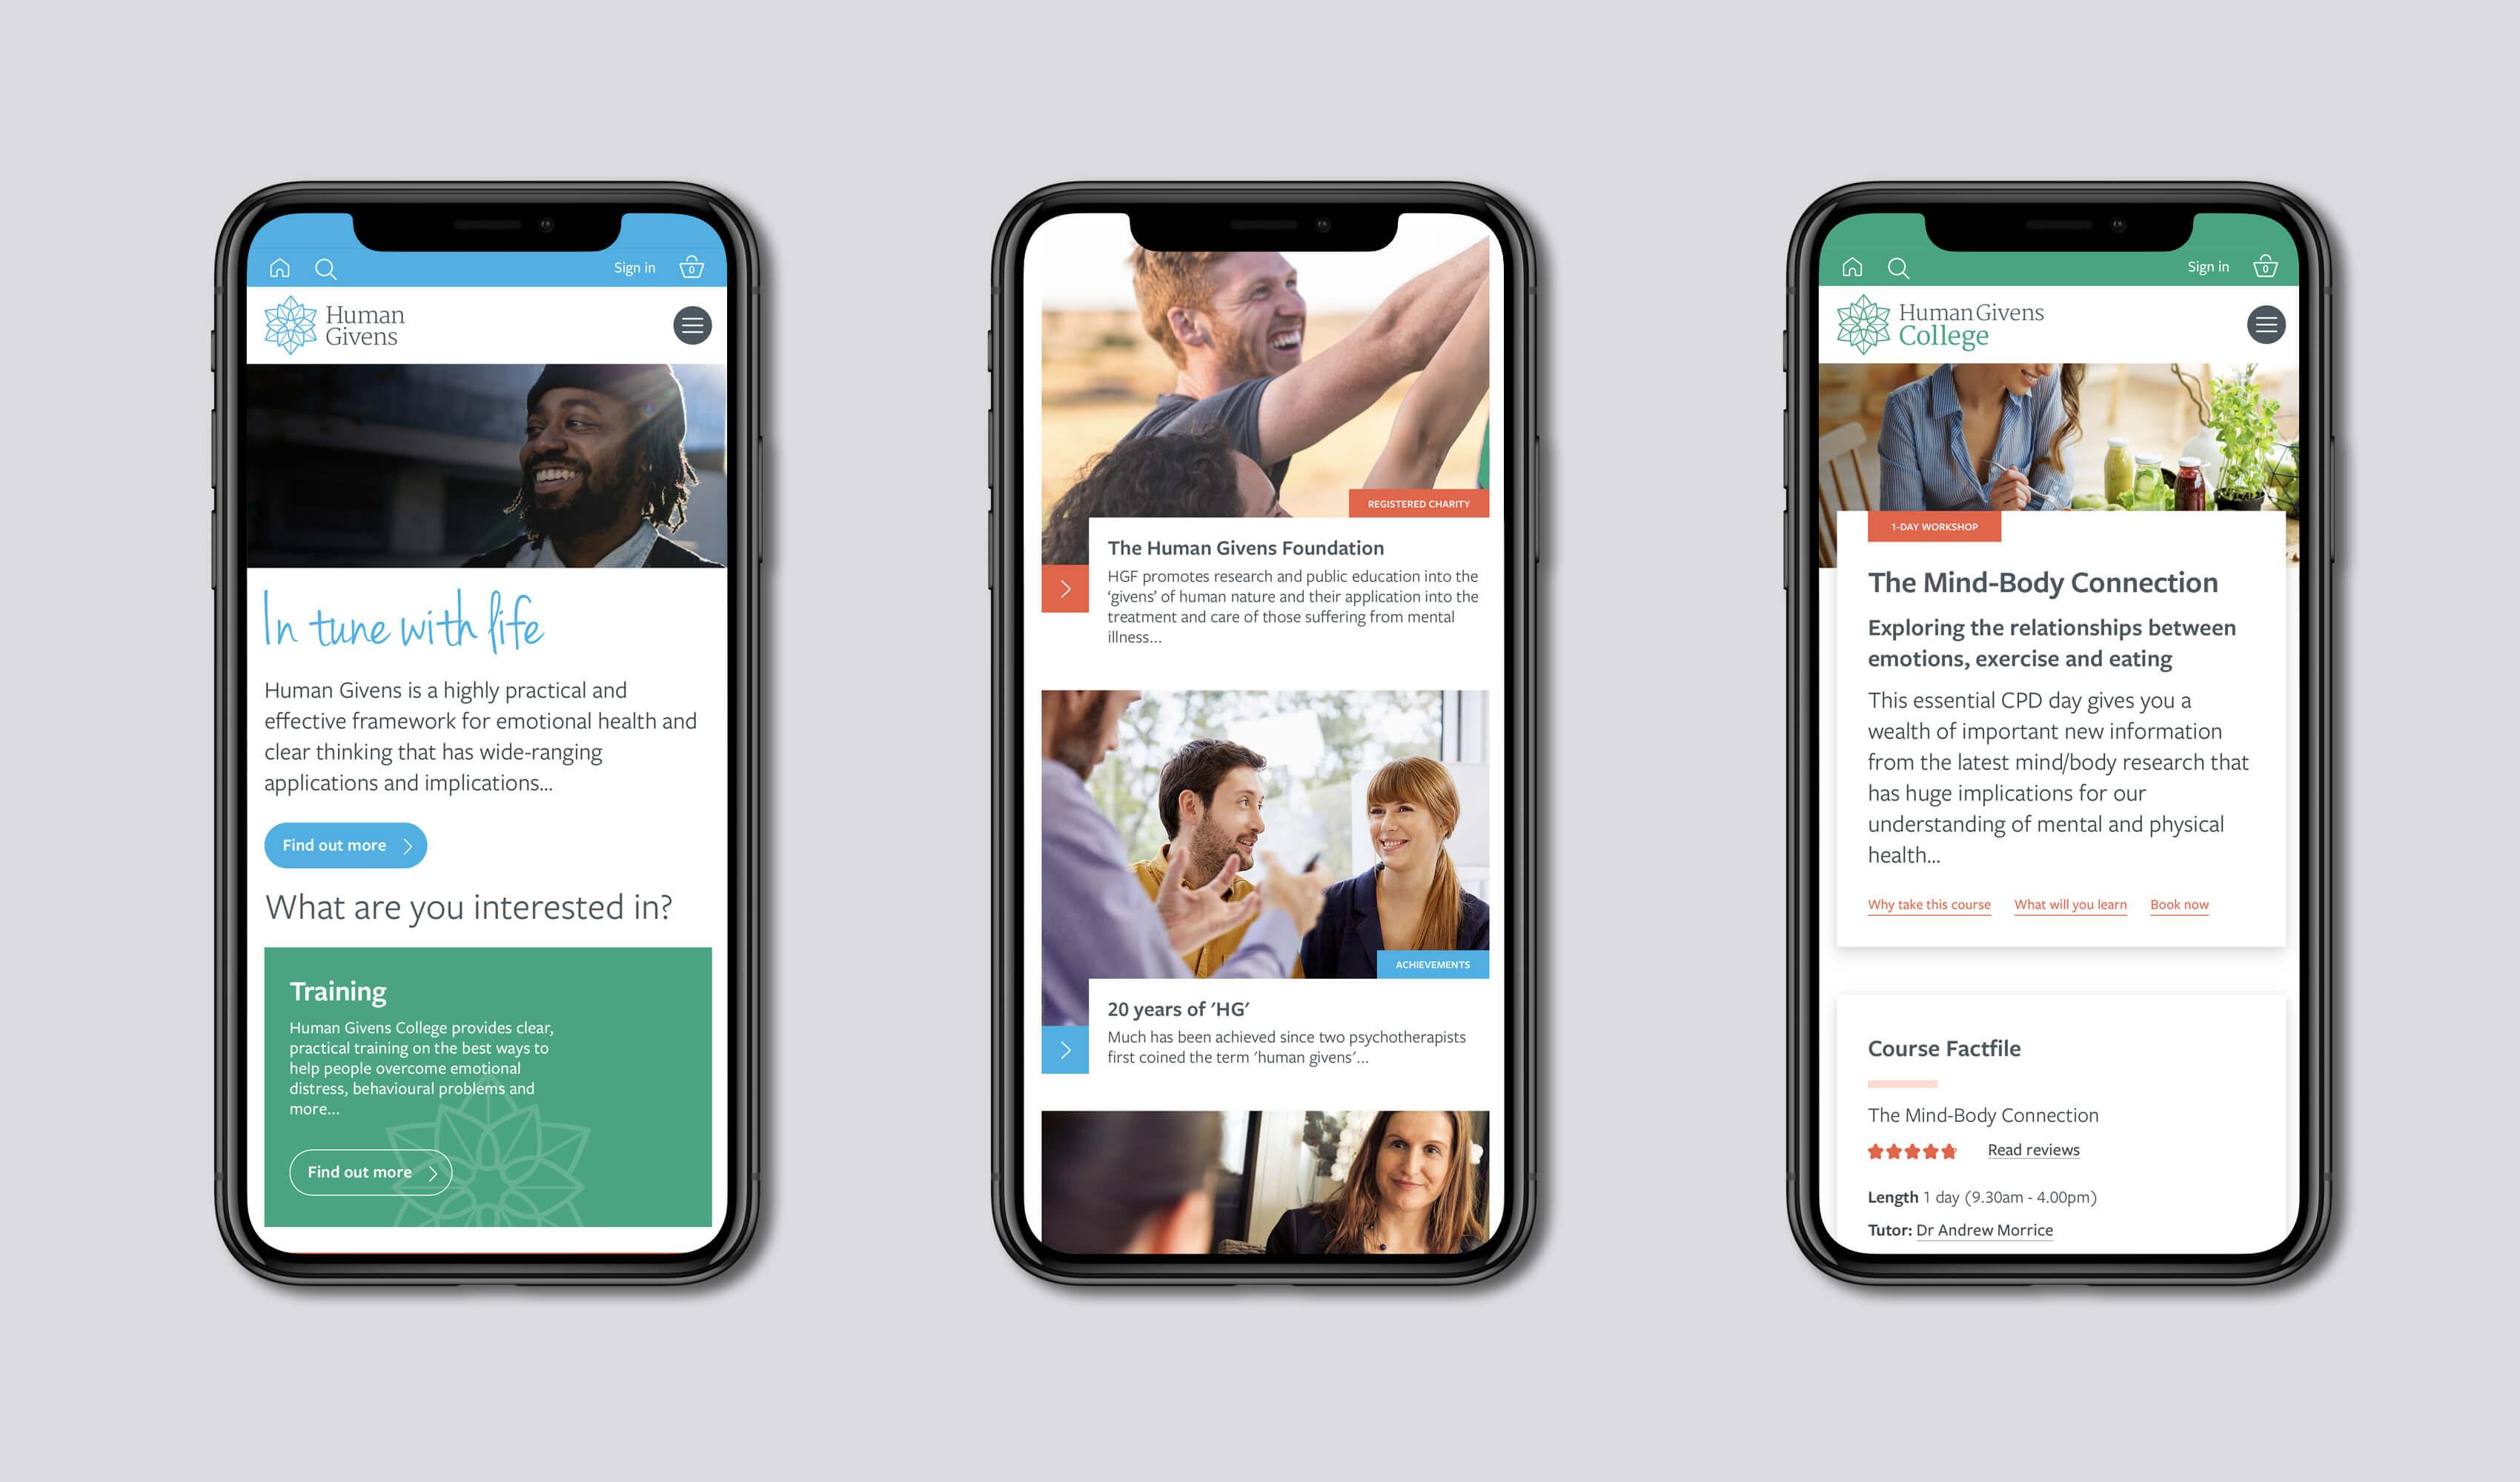 Human Givens mobile website